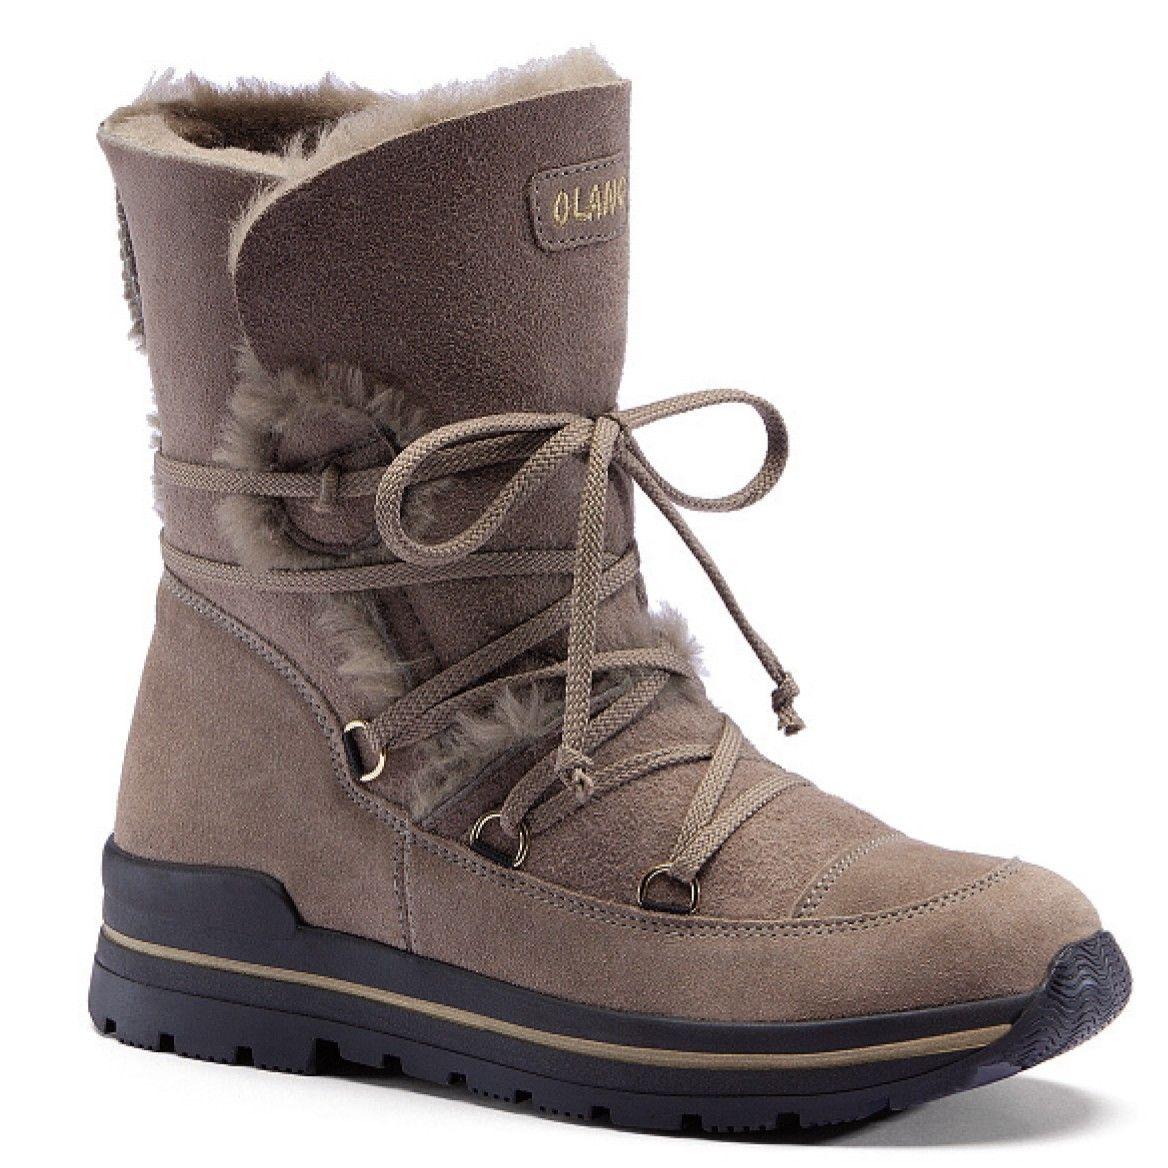 Nordique Olang Esprit Et D'hiver Chaussures For Bottes Qzxan6n Uq8rUT